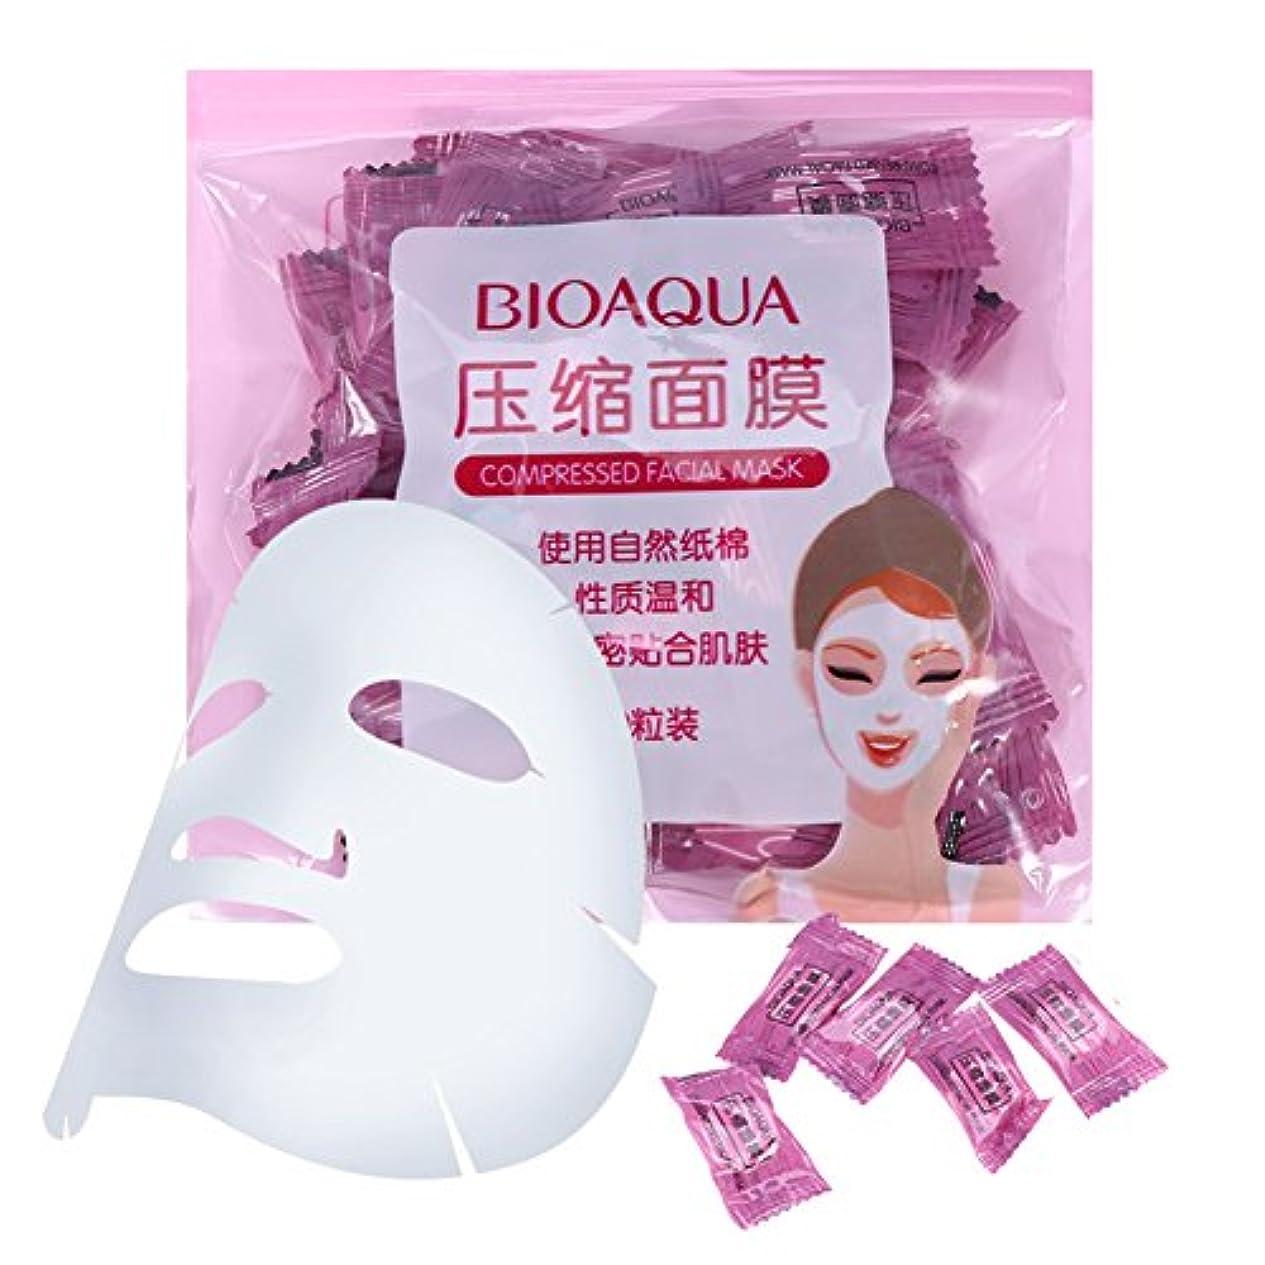 回想報酬の有用スキンケア 50個/パックナチュラル 不織布 圧縮 フェイスマスク DIYフェイシャルマスク